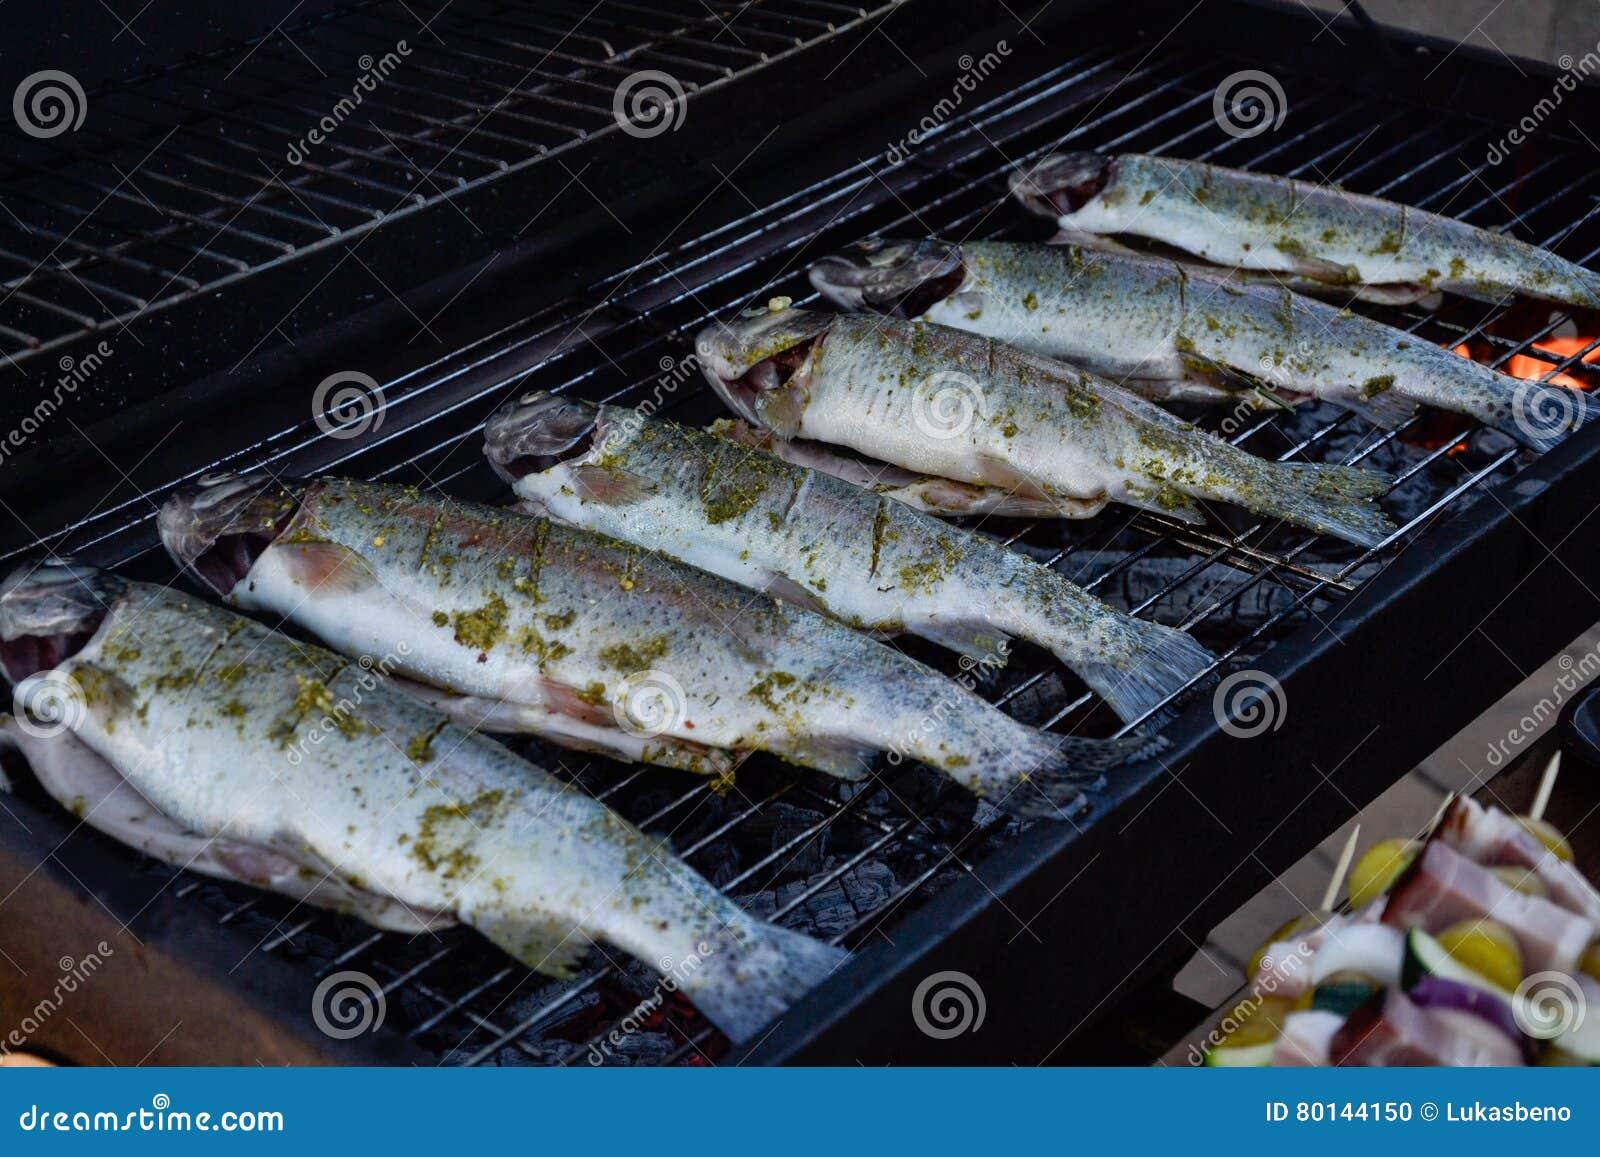 Grigliare i pesci interi sulla griglia in giardino le - Nascondere griglia giardino ...